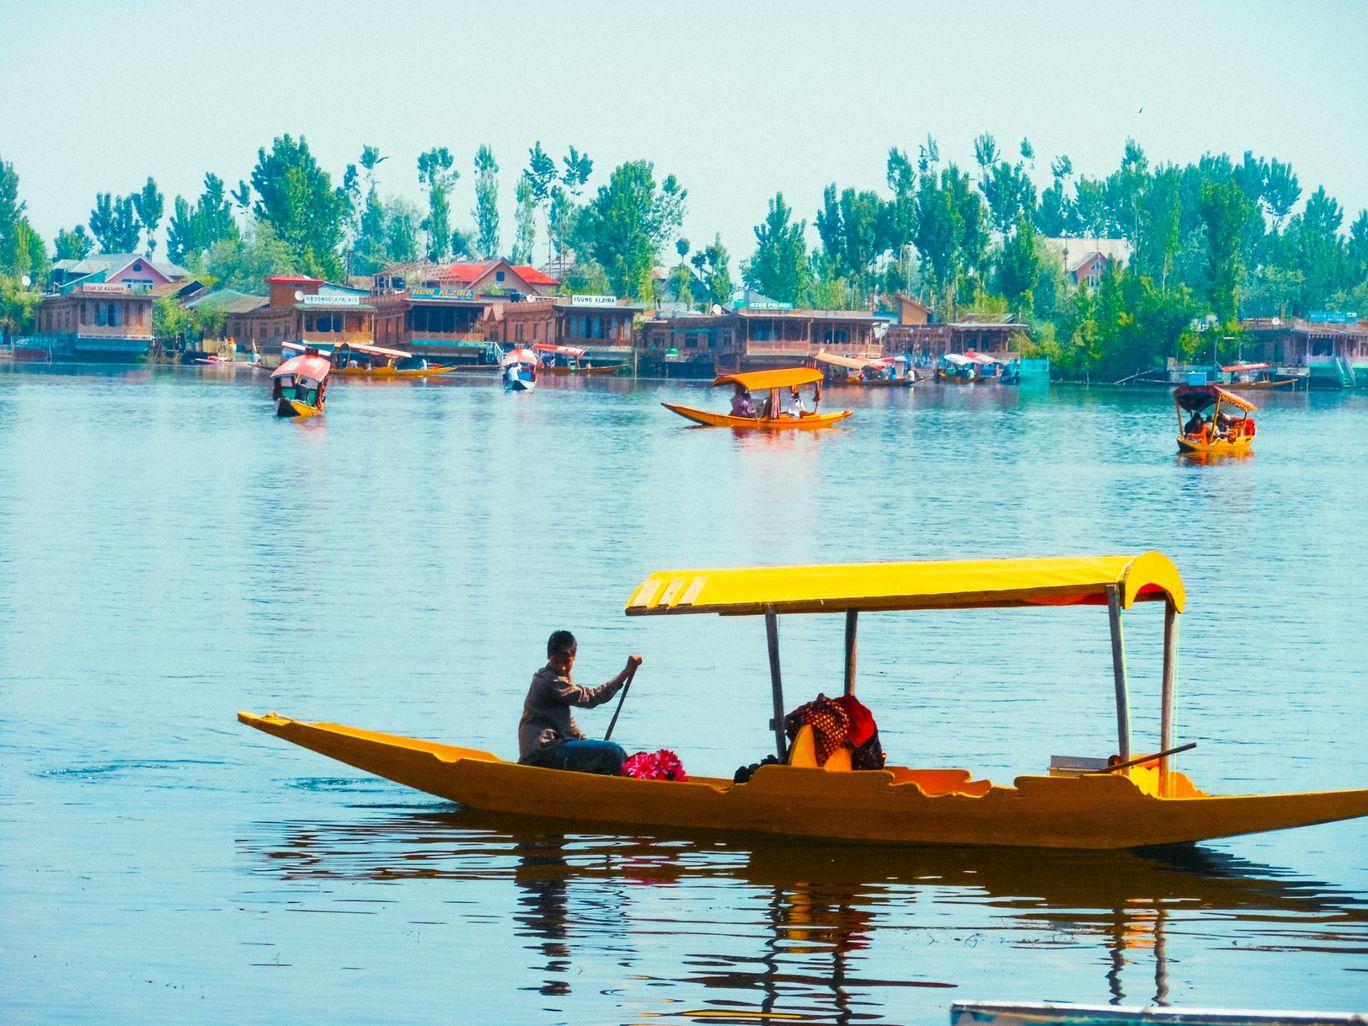 Photo of Dal Lake By Bhoomi Gondalia